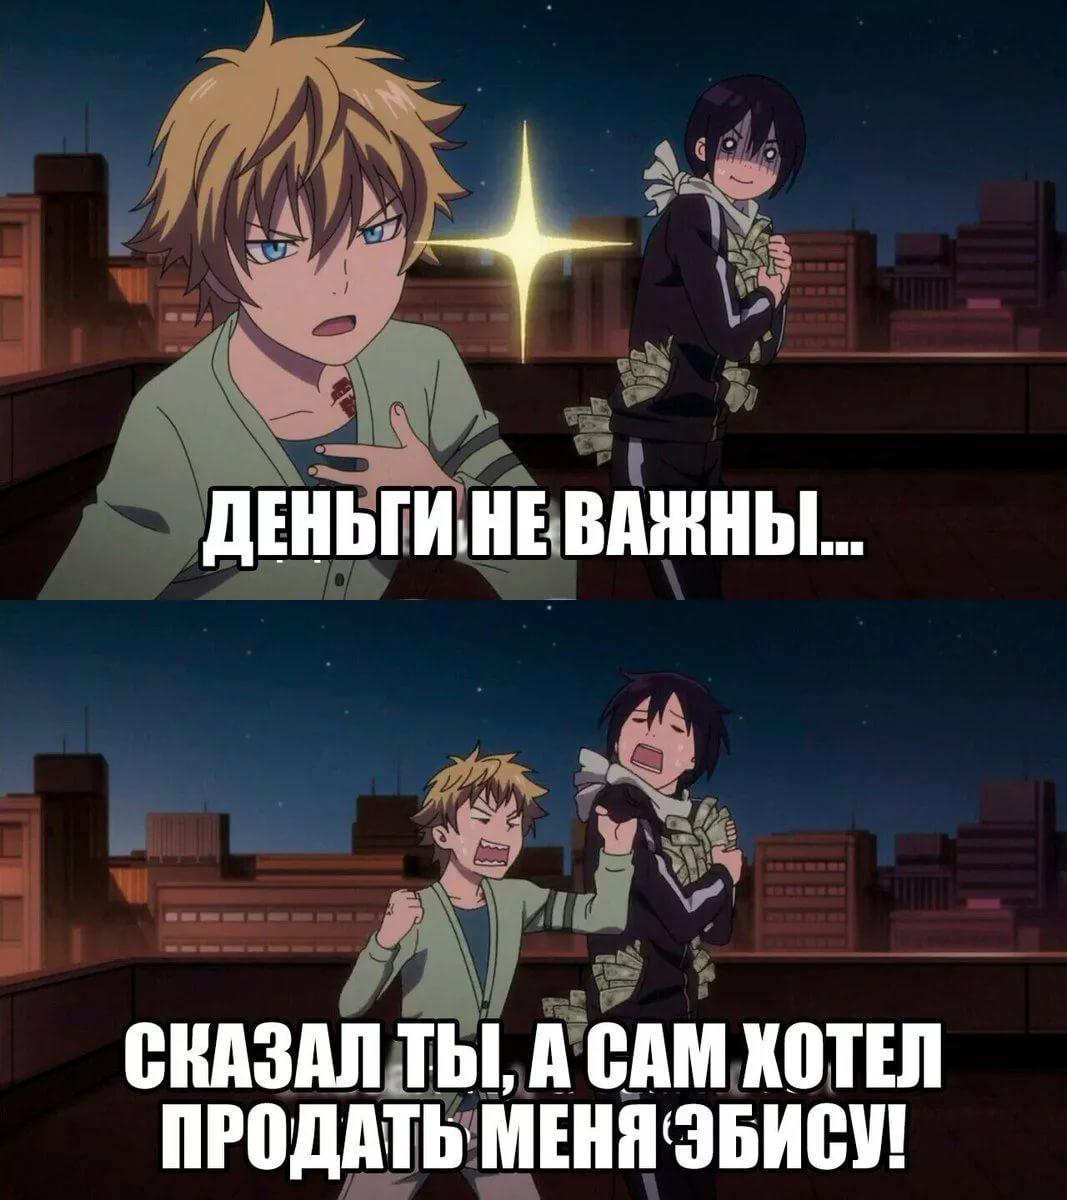 Интересные аниме мемы на русском 1